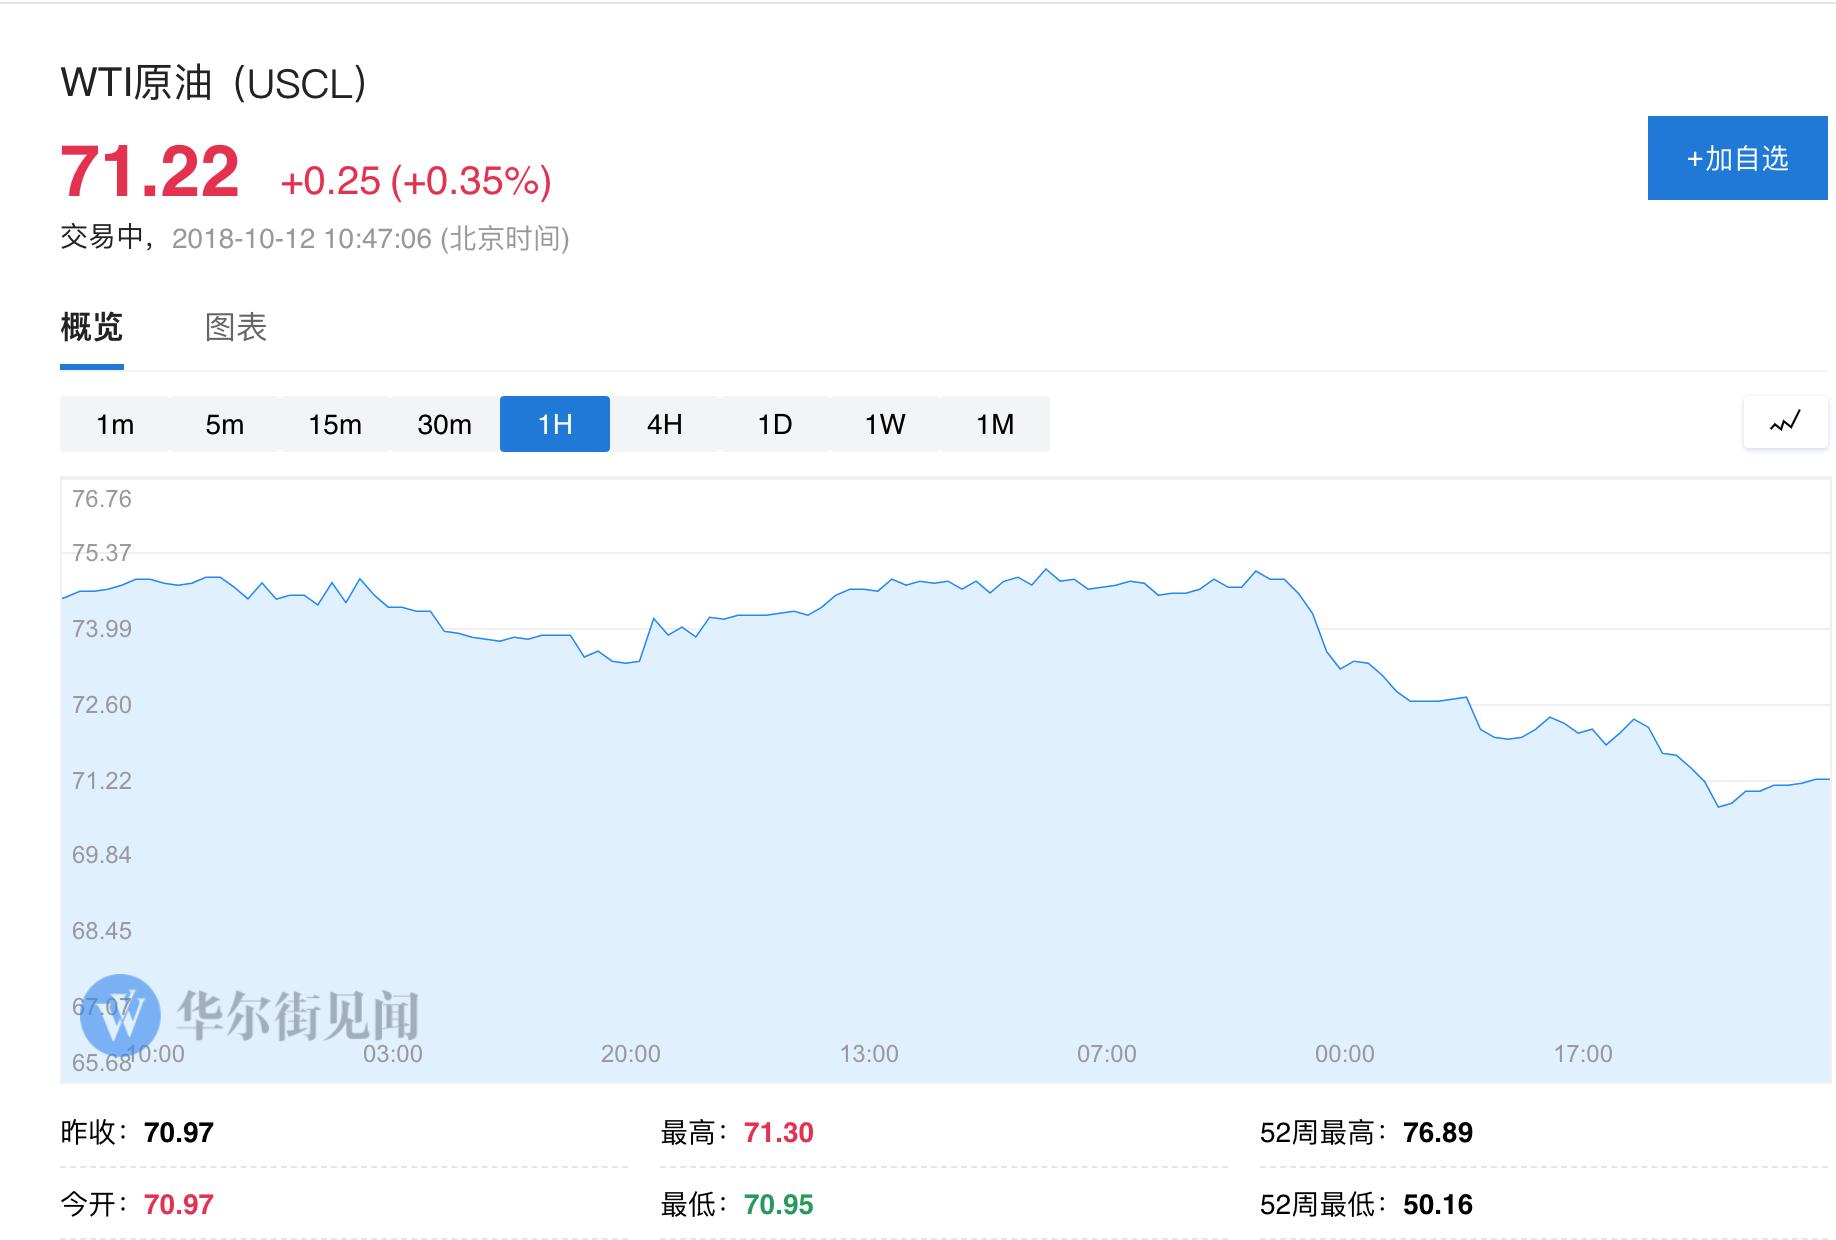 CNBC援引市场分析人士的话表示,周三和周四大量抛售后,市场的恐慌因素已让很多投资者逃离了石油等风险导向型资产。